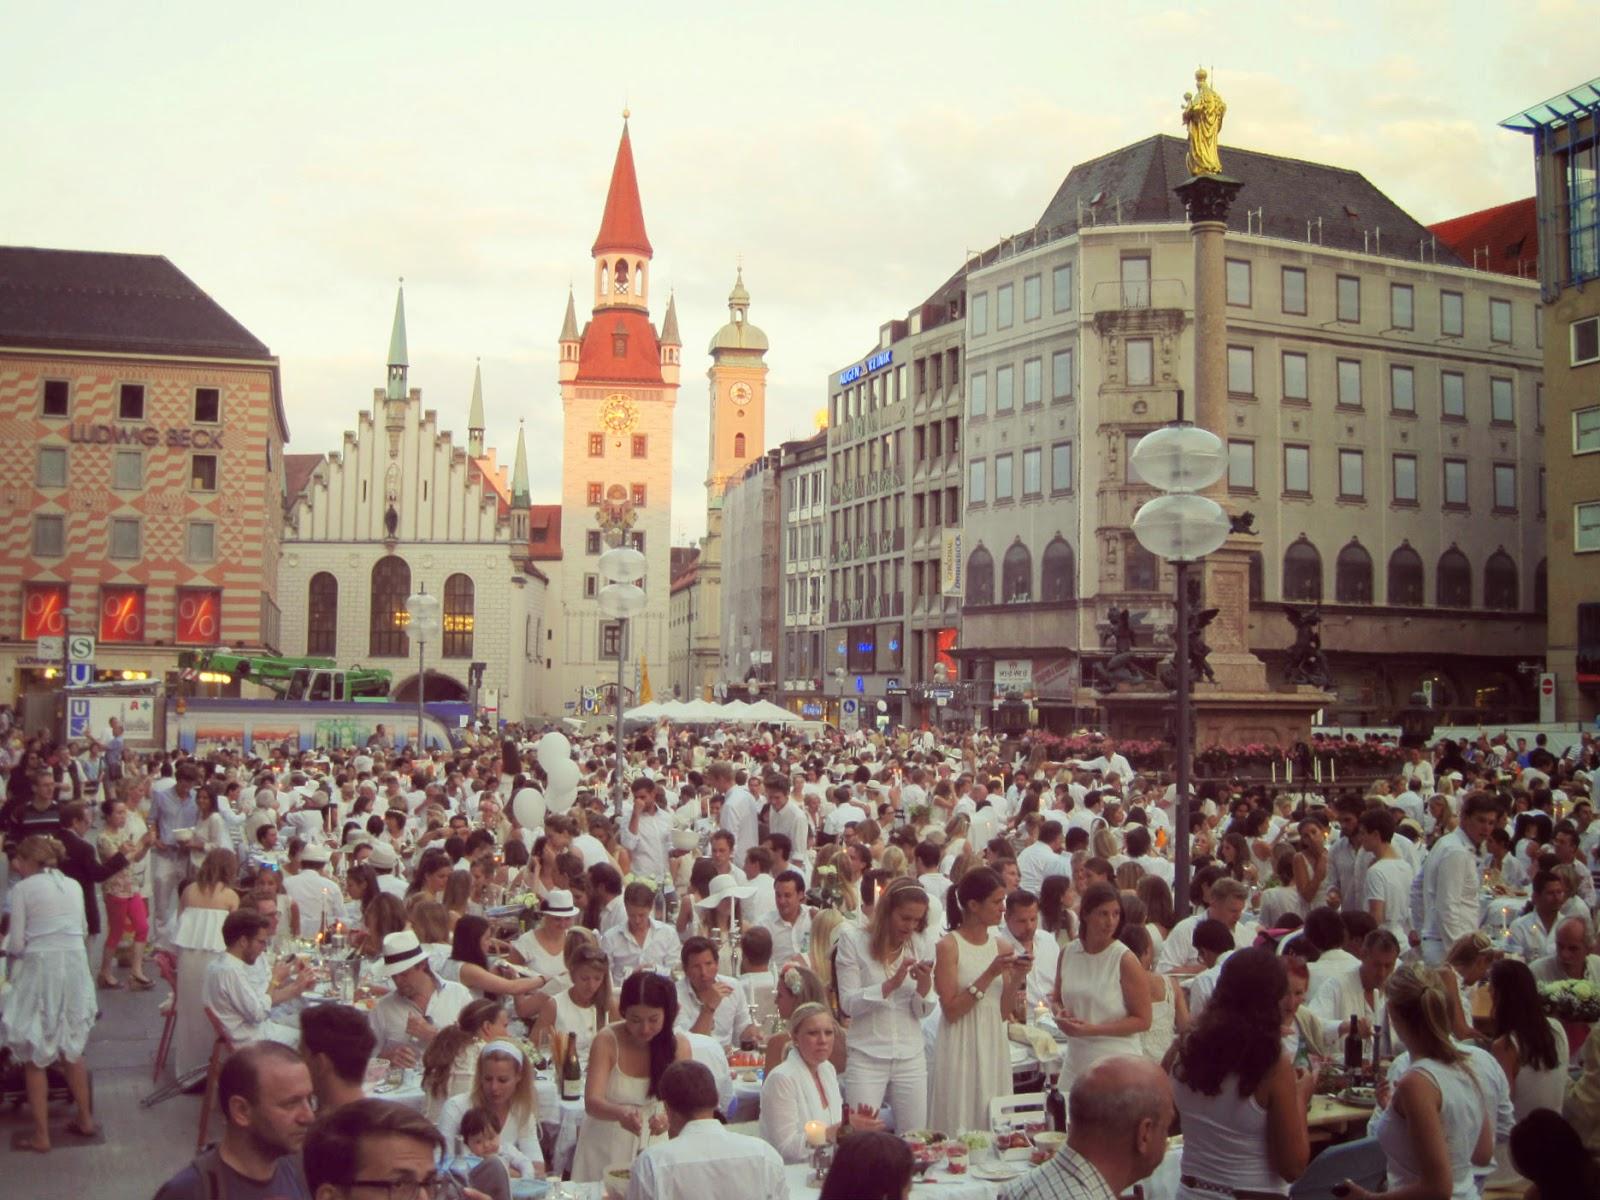 Munich Marktplatz